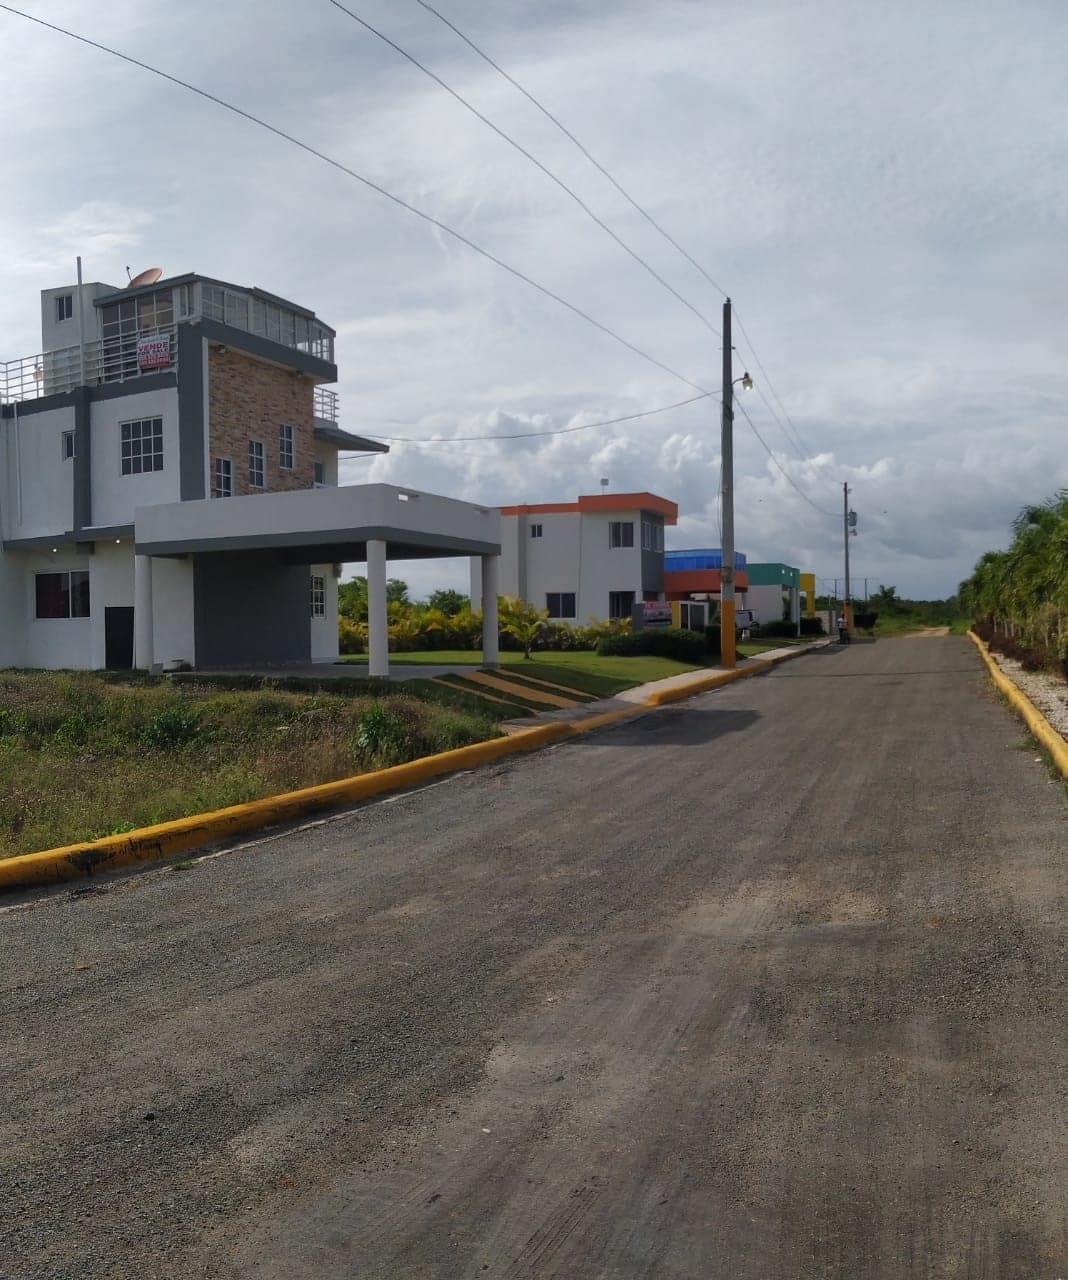 Terrenos en venta en las Americas Residencial Brisamar ll desde RD$3,375 por Mts cuadrado